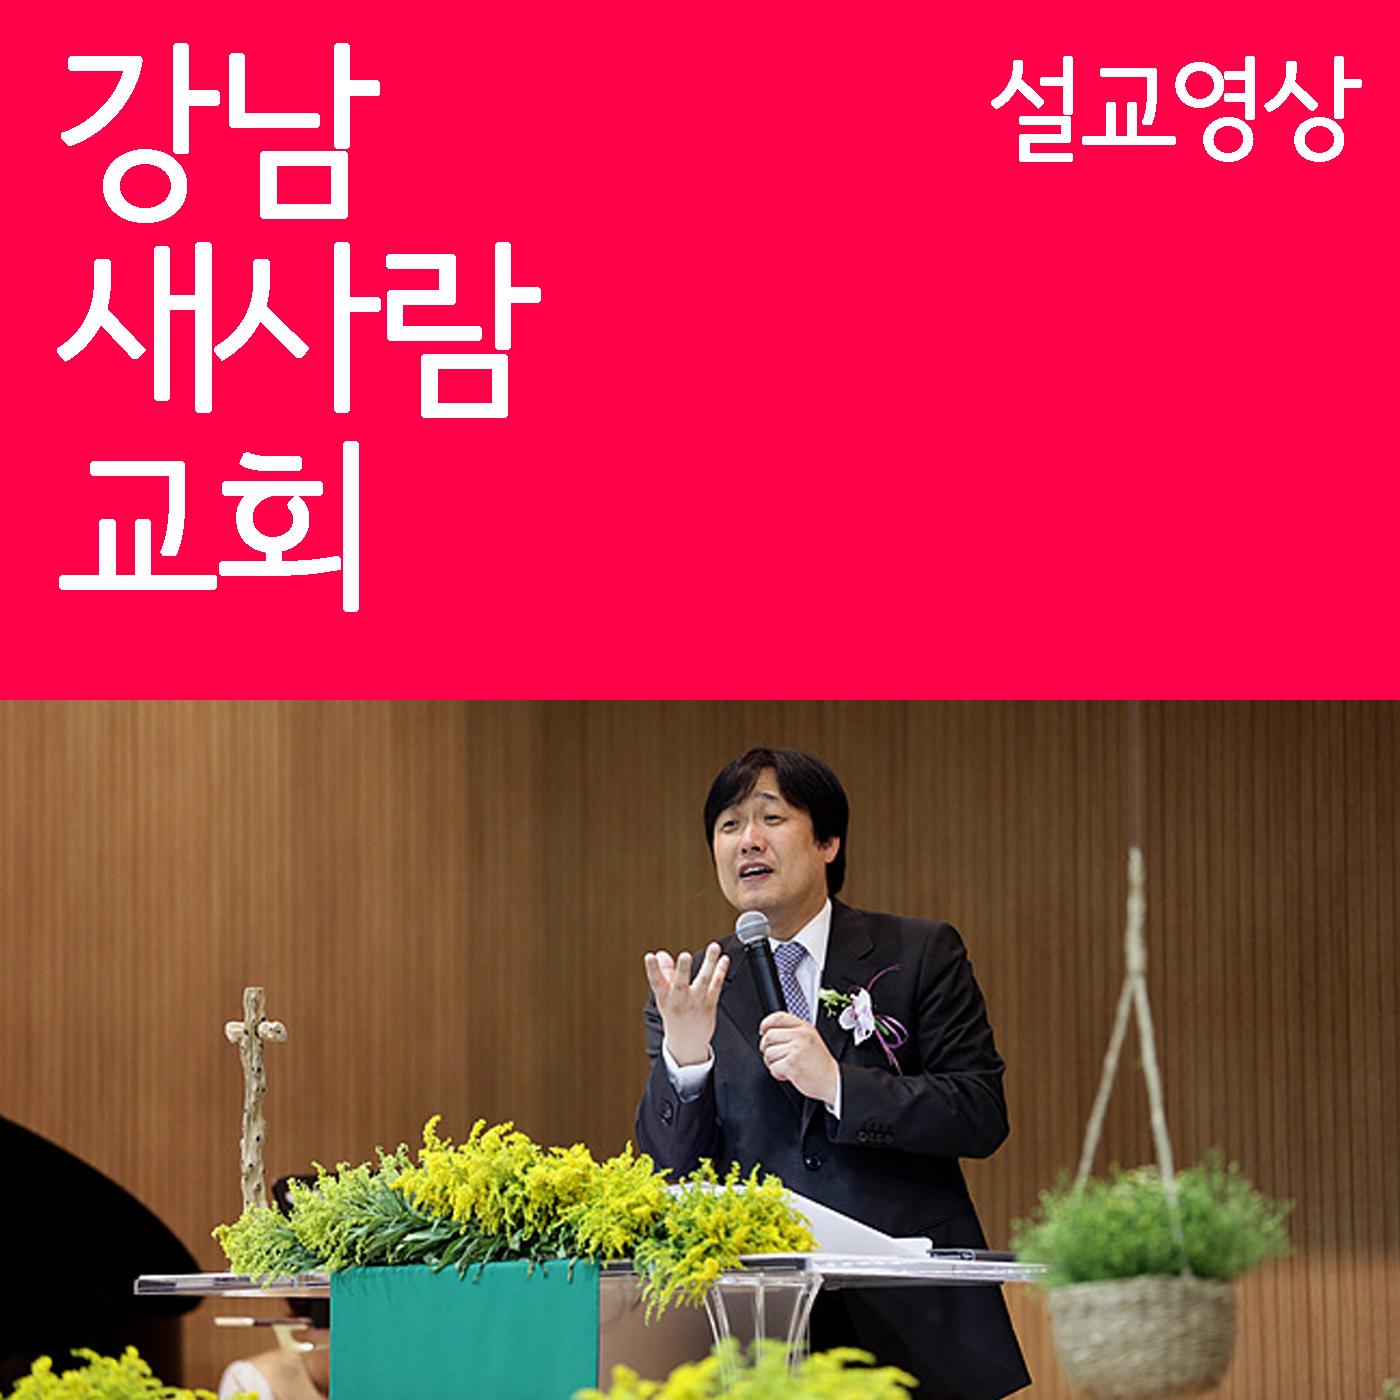 강남새사람교회 (전기철 목사)